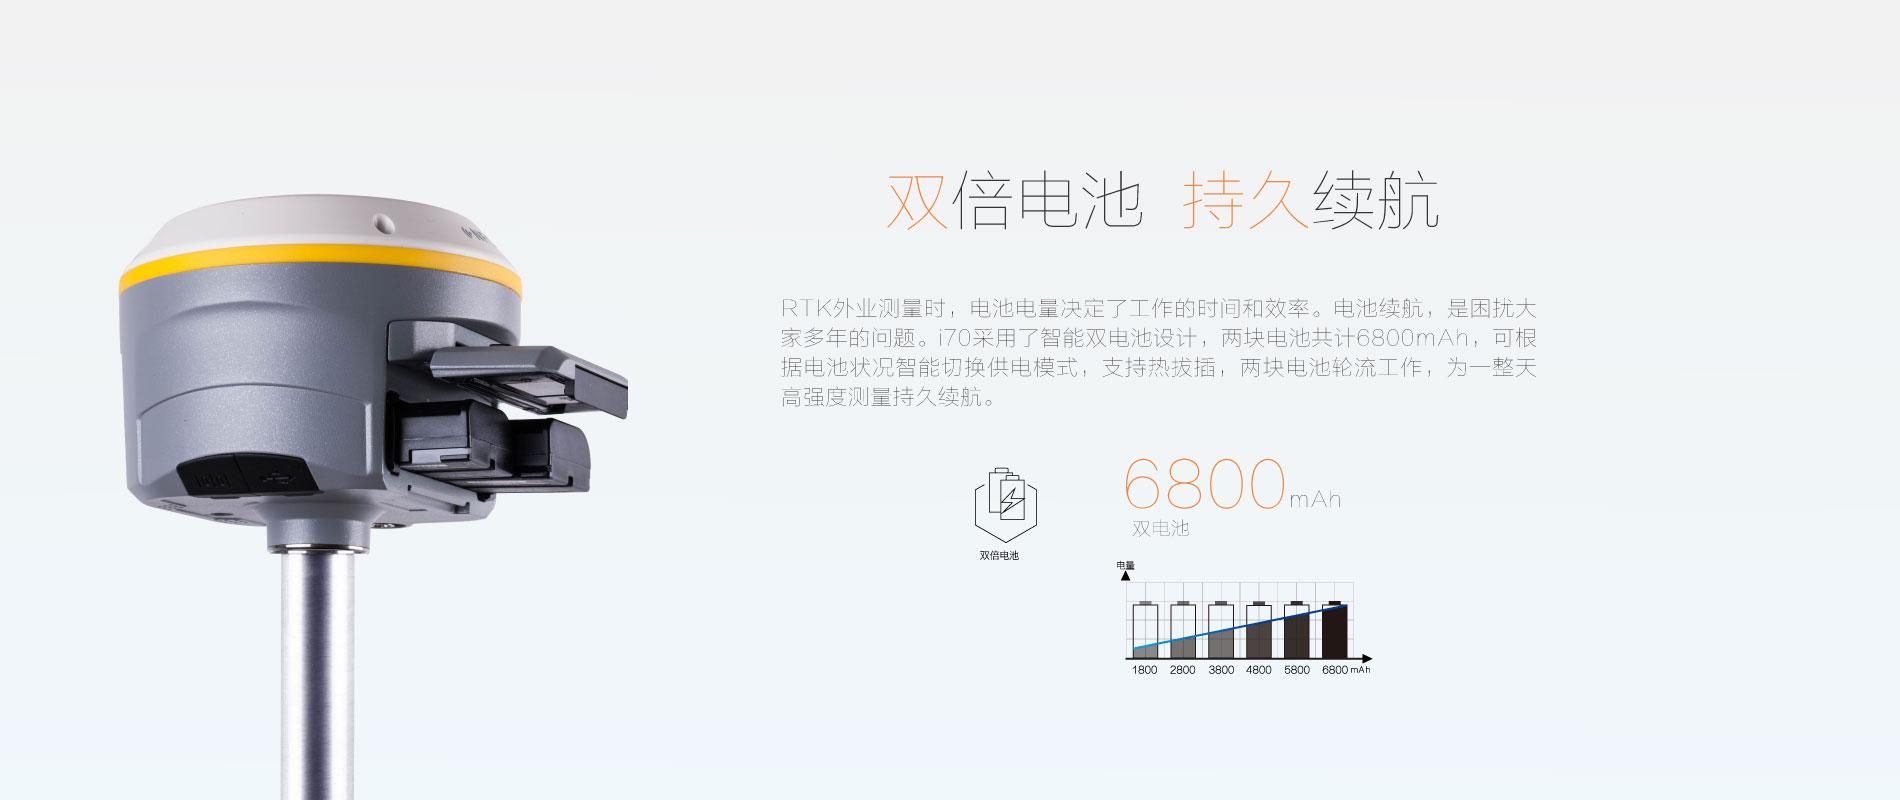 華測i70RTK雙倍電池,持久續航,華測i系列i70智能RTK